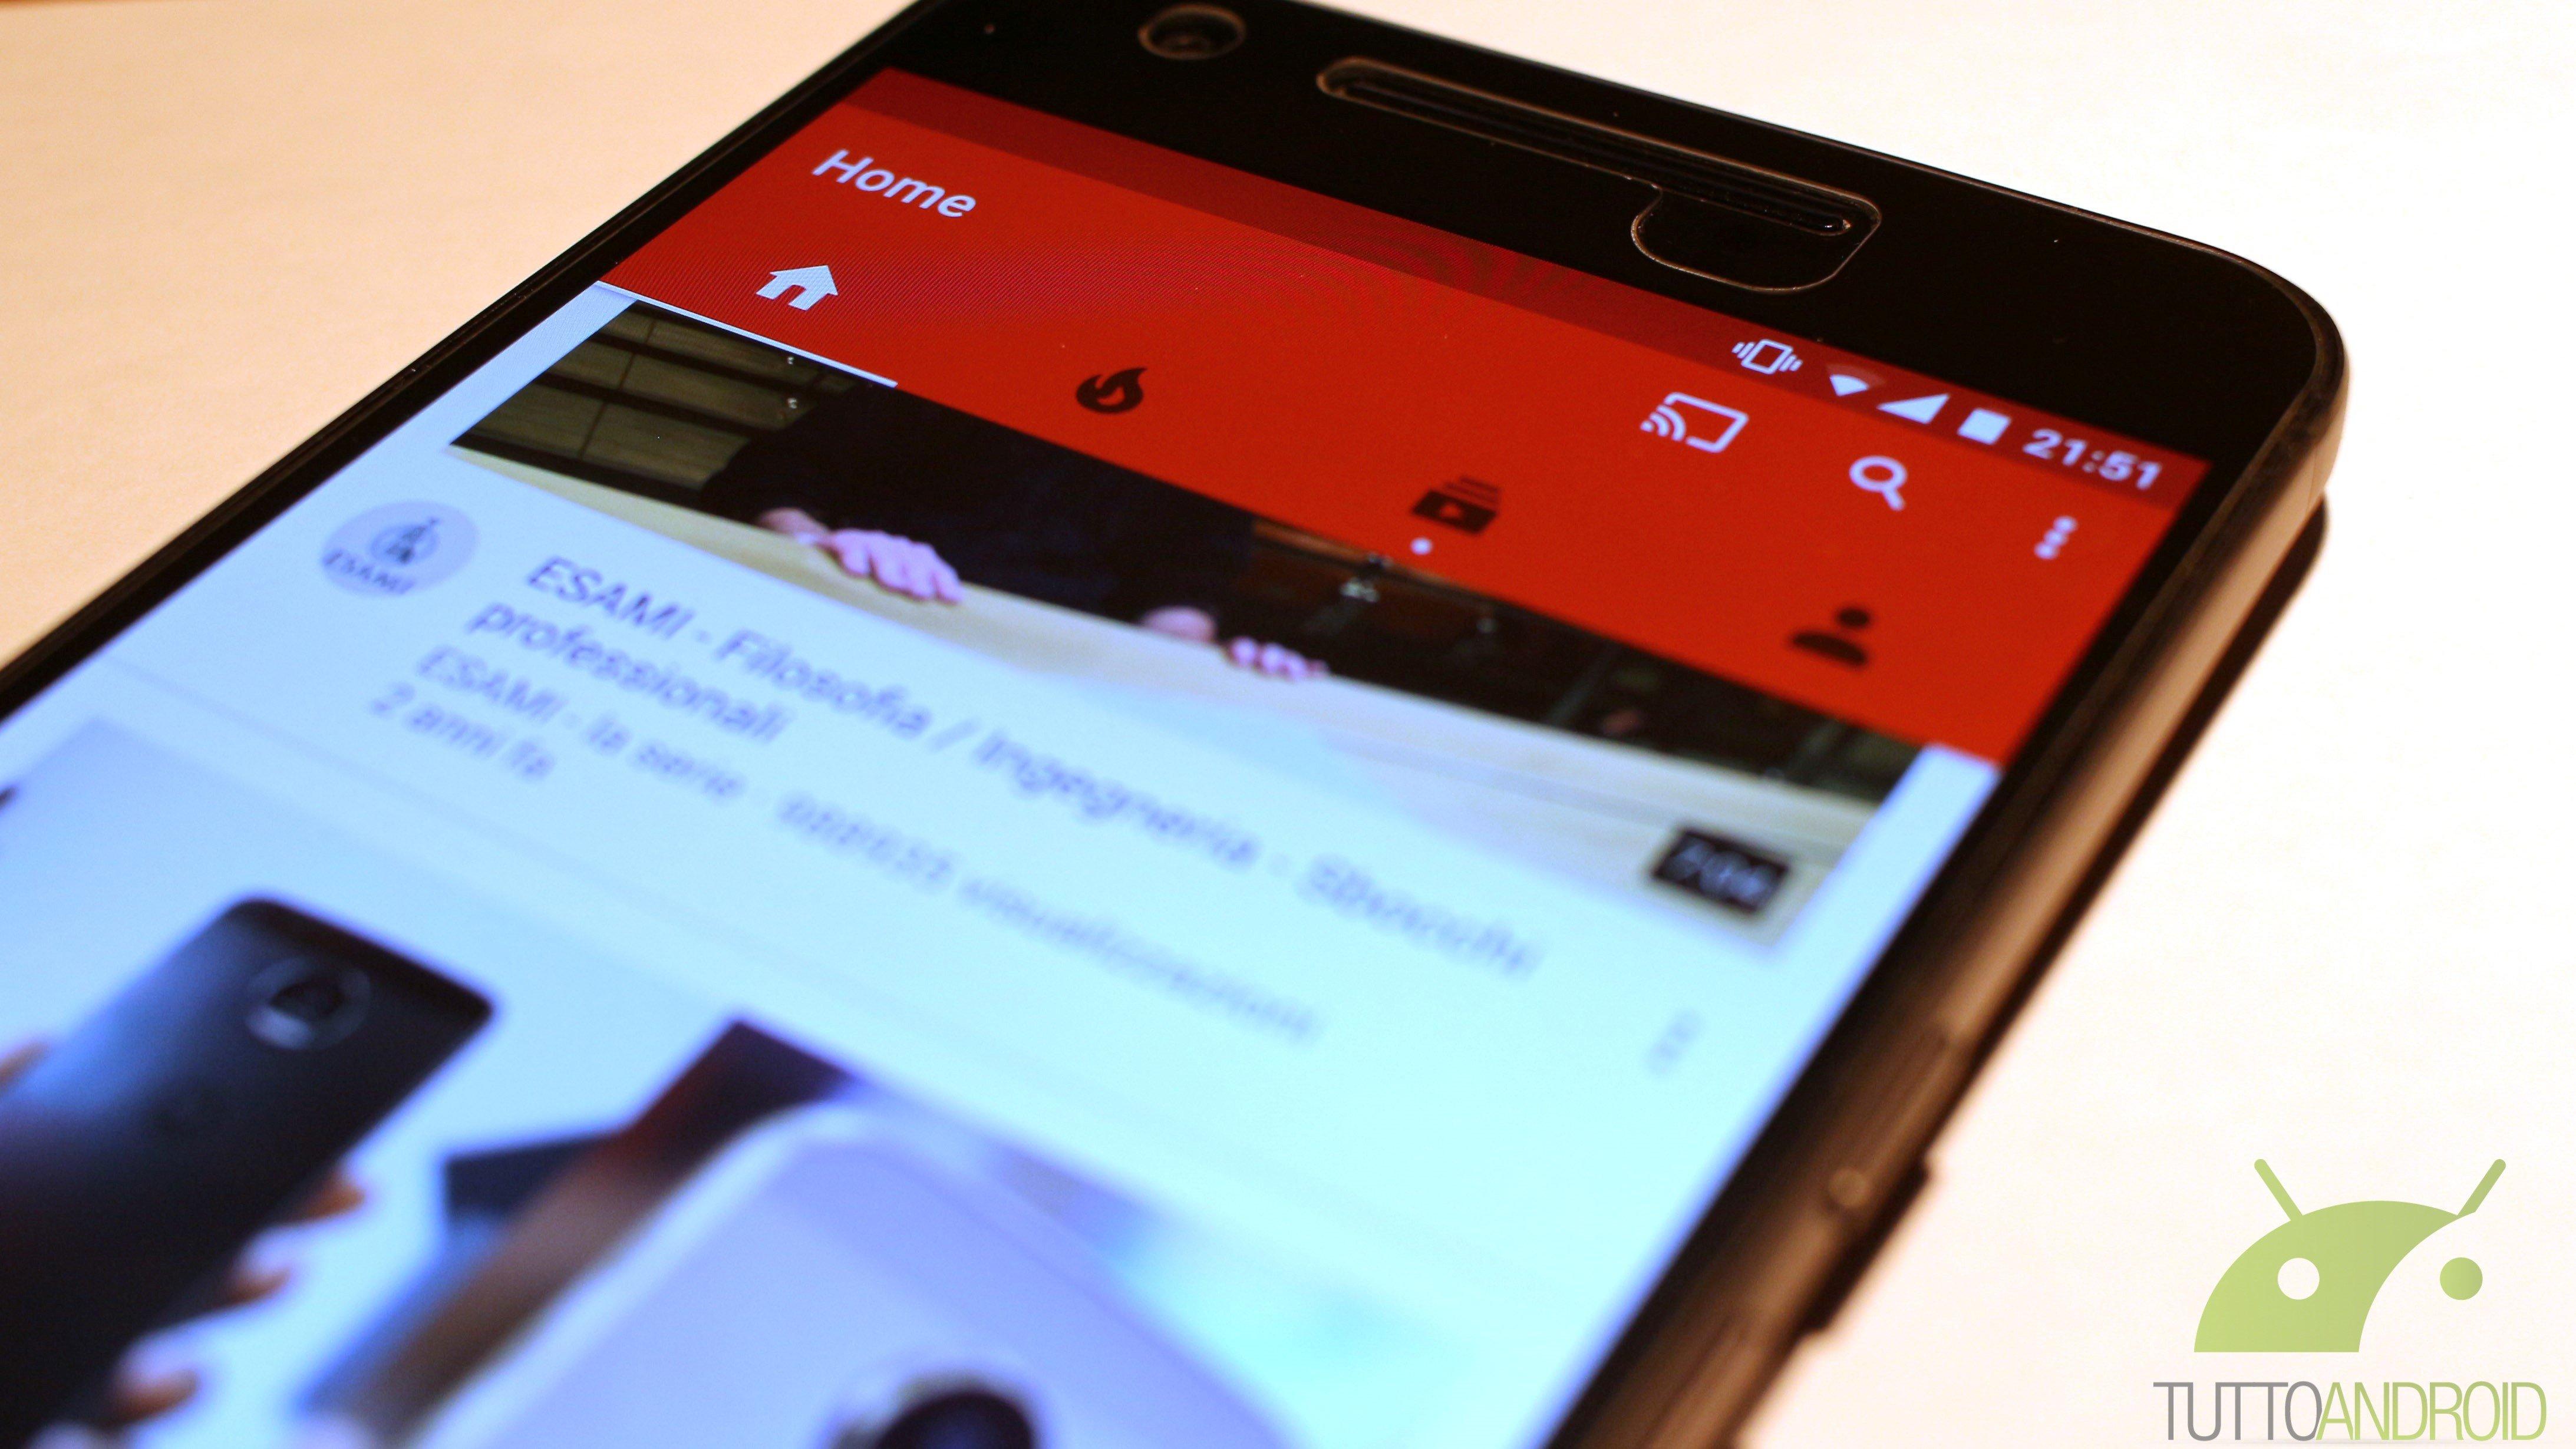 Come riprodurre video e musica di YouTube in background con Android 7.0 Nougat